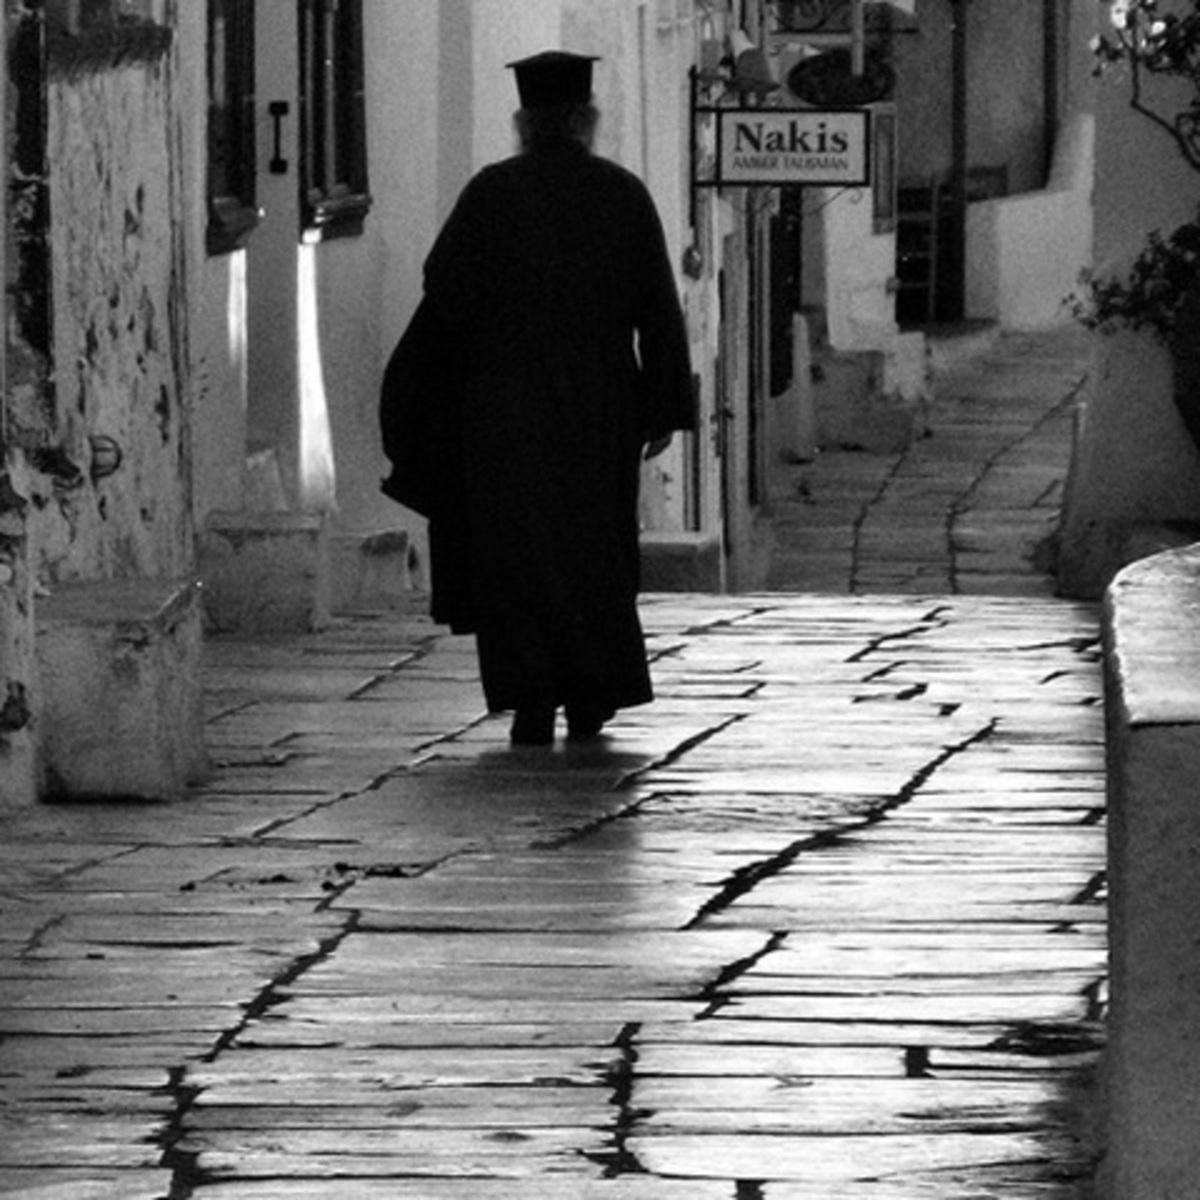 Αχαϊα: Καταγγελία για παπά, που έκοβε ξύλα για το τζάκι του! | Newsit.gr